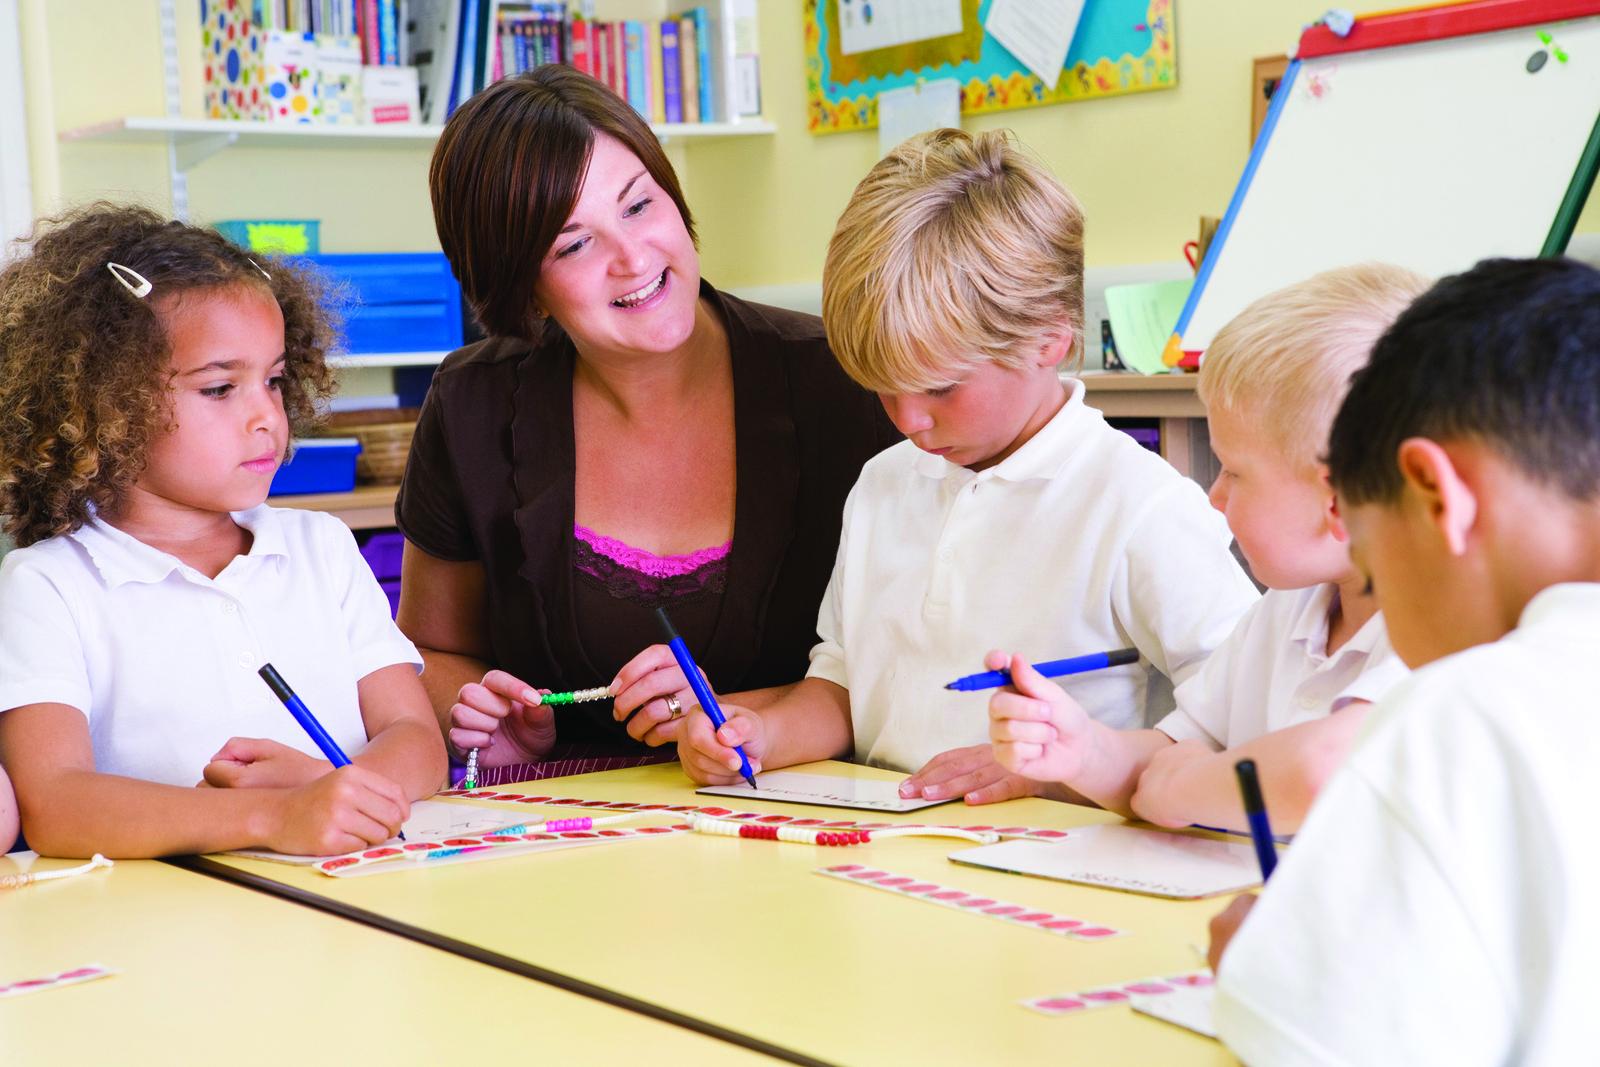 Ученики с учителями 16 фотография